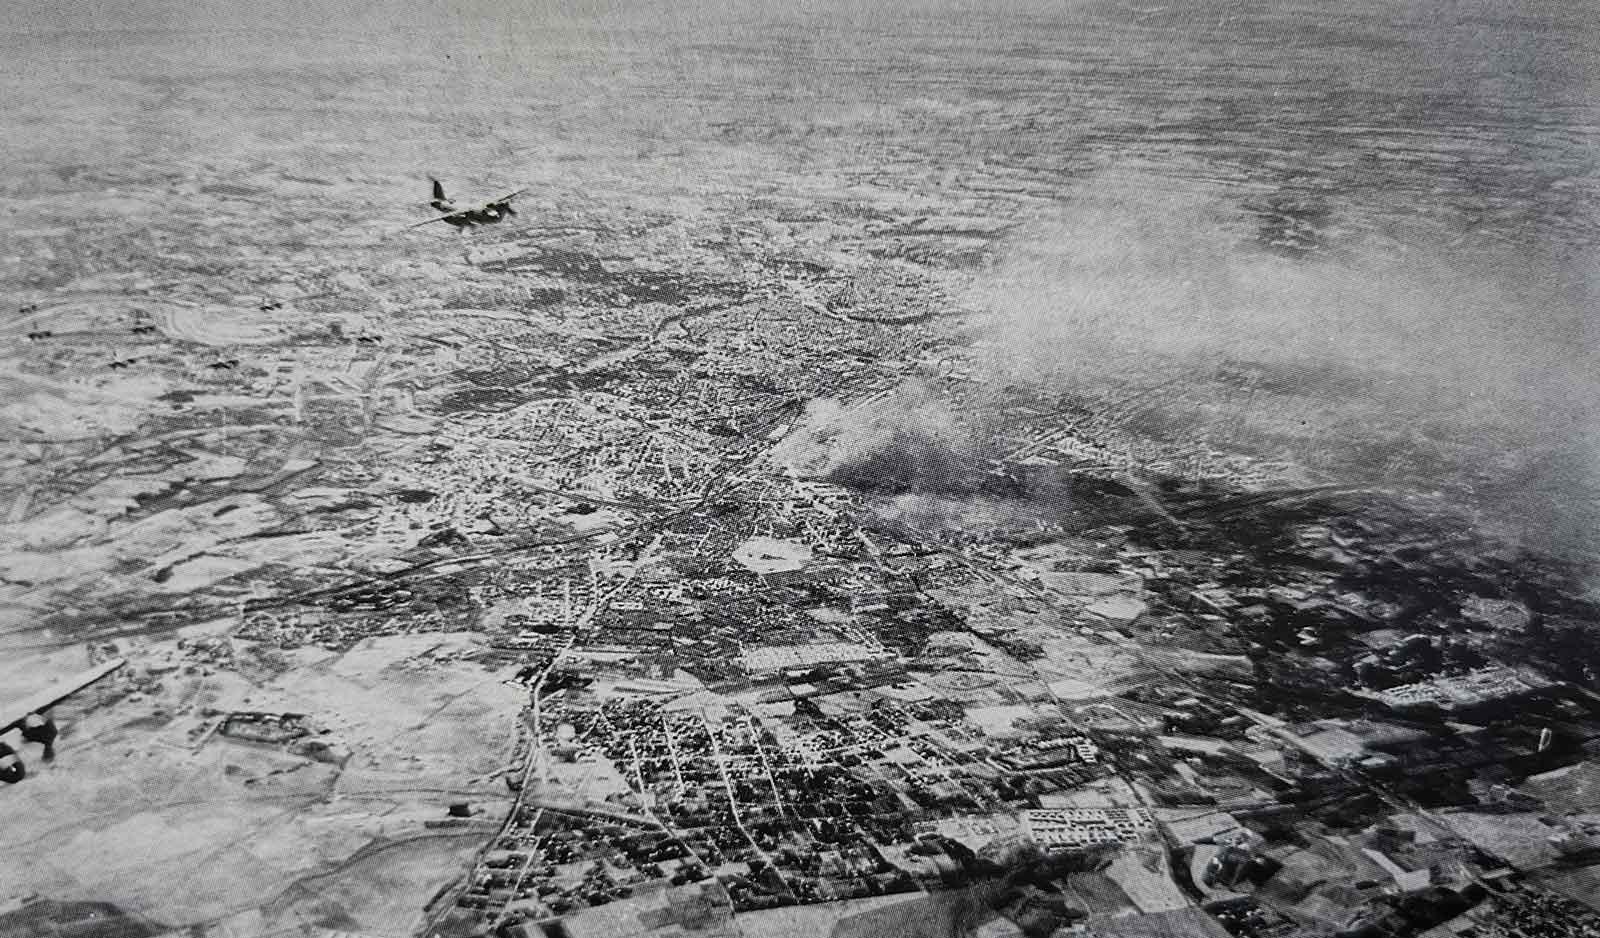 B-26 in volo sulla capitale